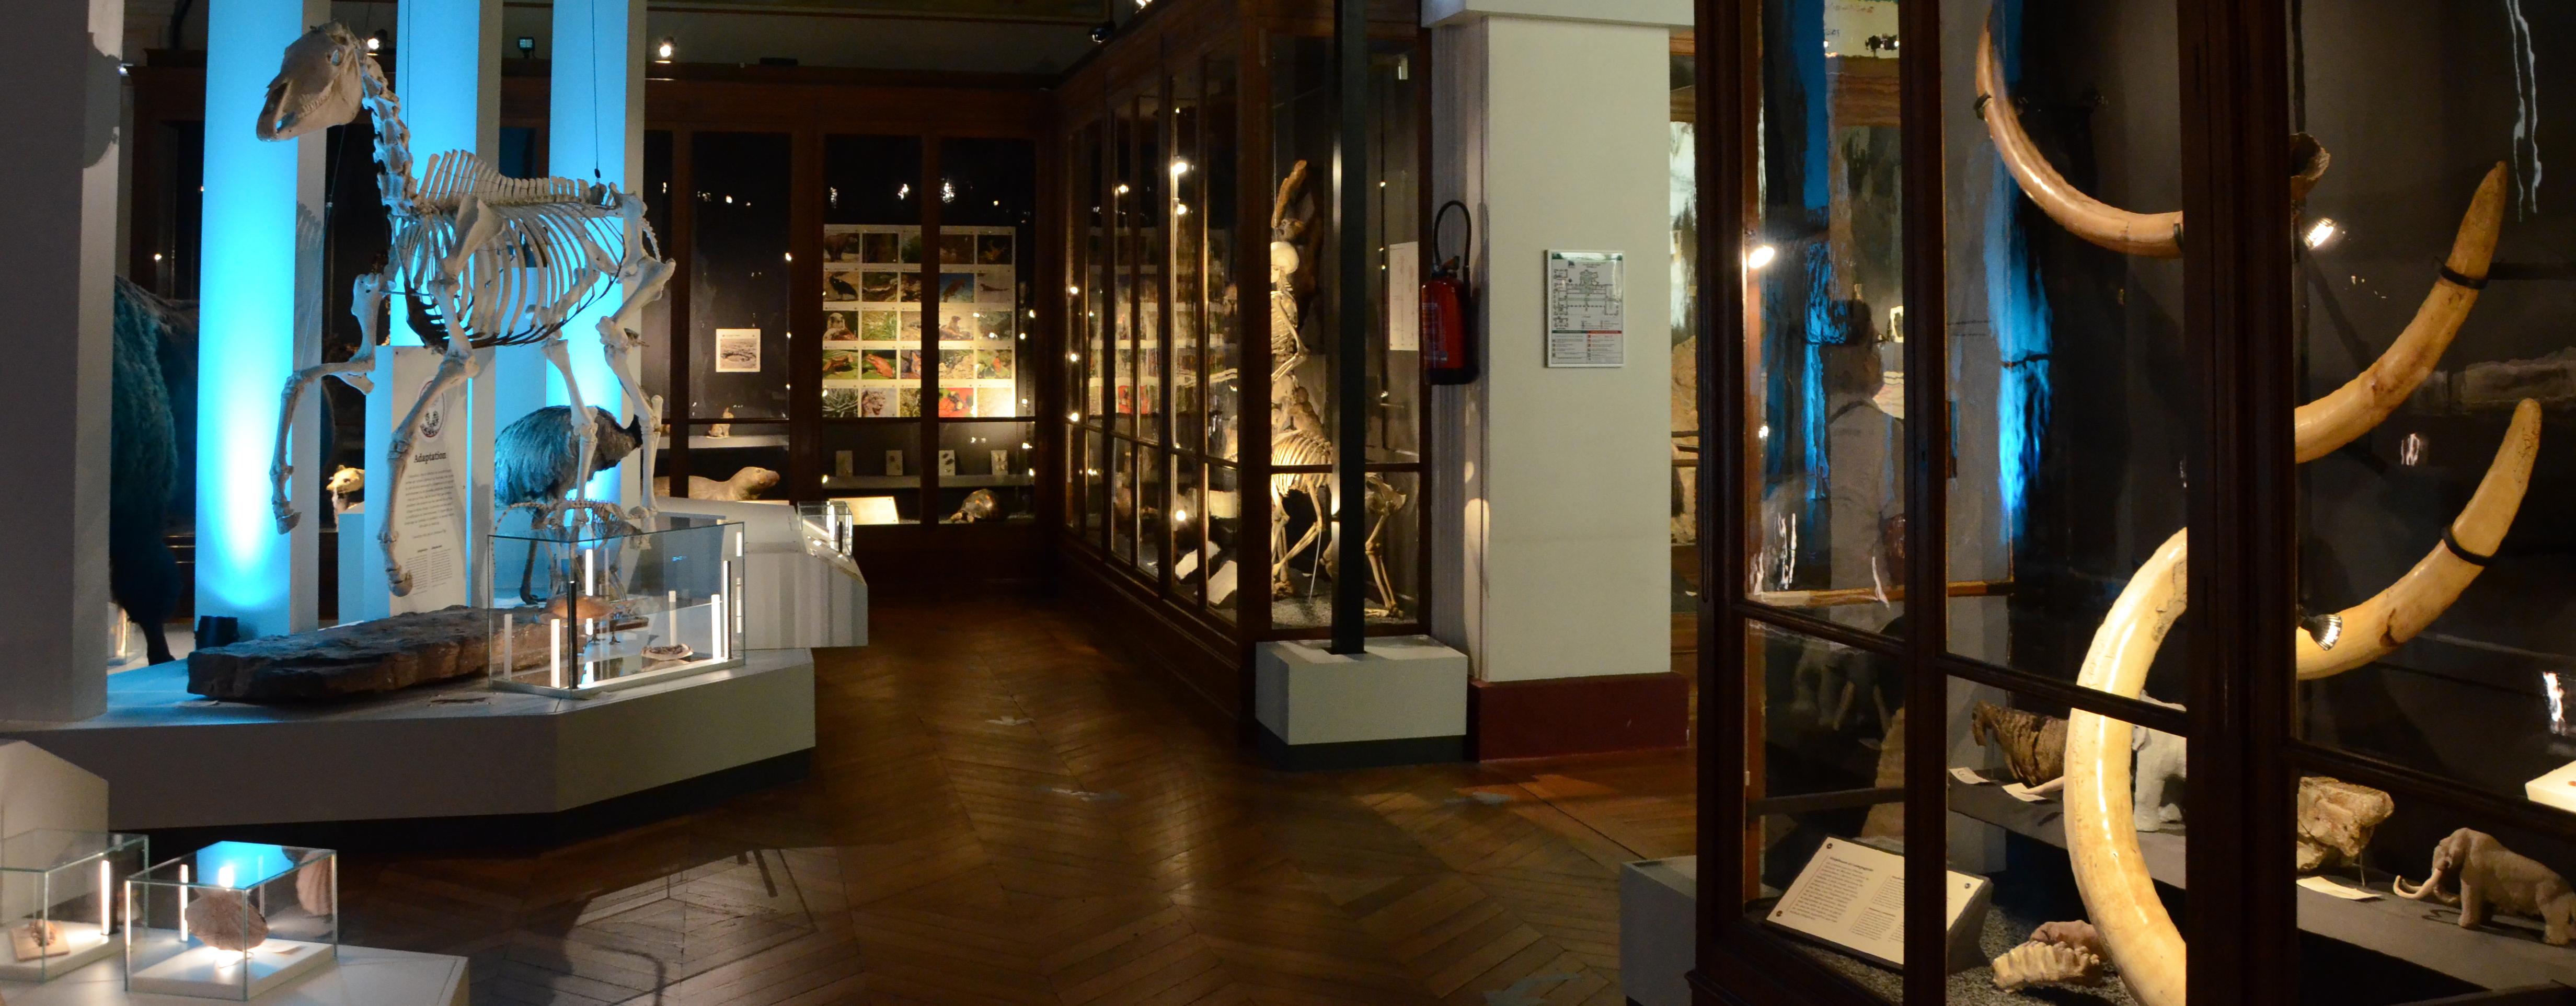 Muséum d'Histoire Naturelle de Marseille. Exposició permanent